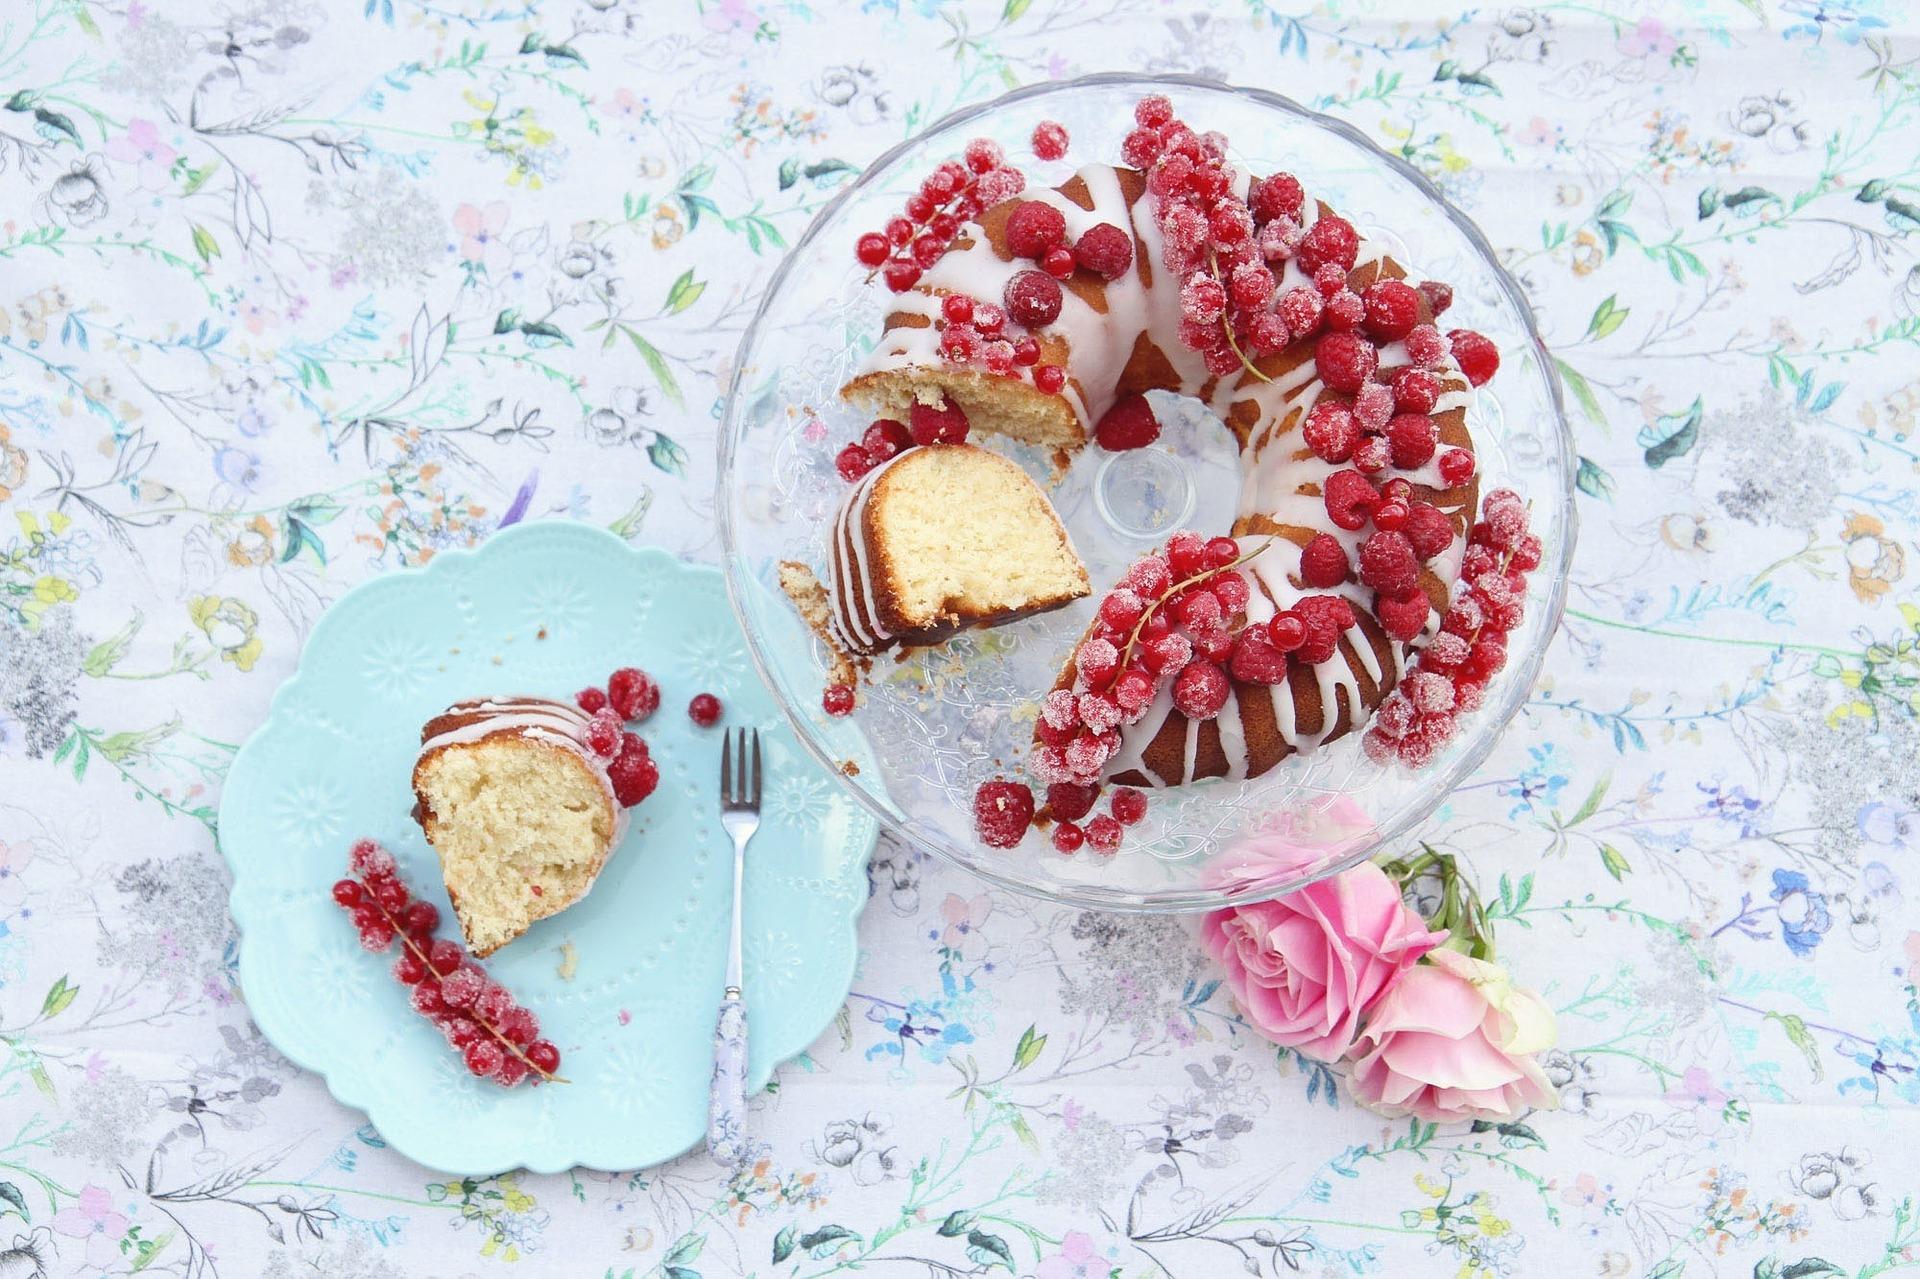 Weisser Himbeer-Schokoladenkuchen